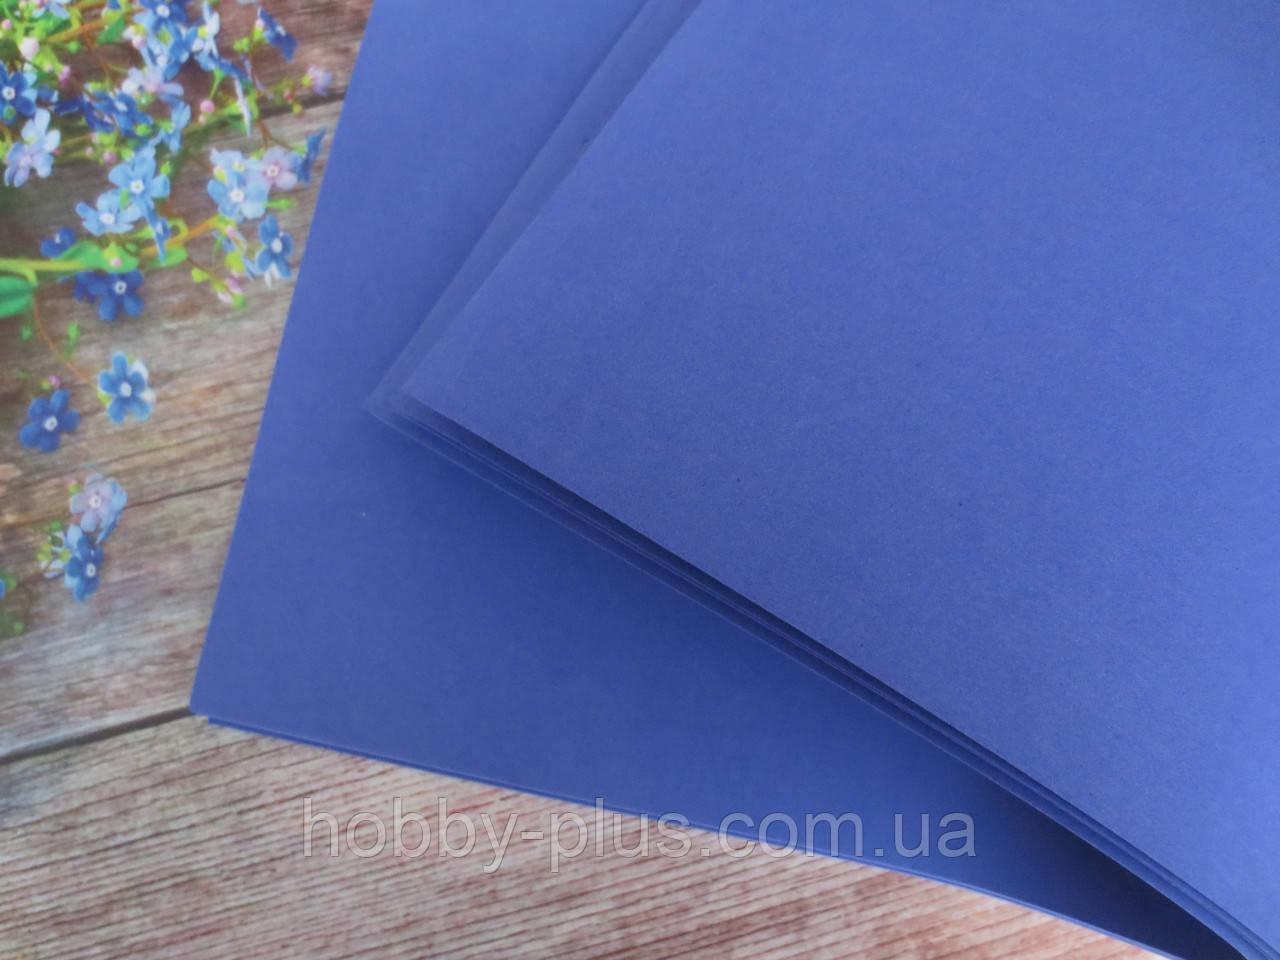 Фоамиран для ростовых цветов, 2 мм, 50х50 см, цвет ФИОЛЕТОВЫЙ